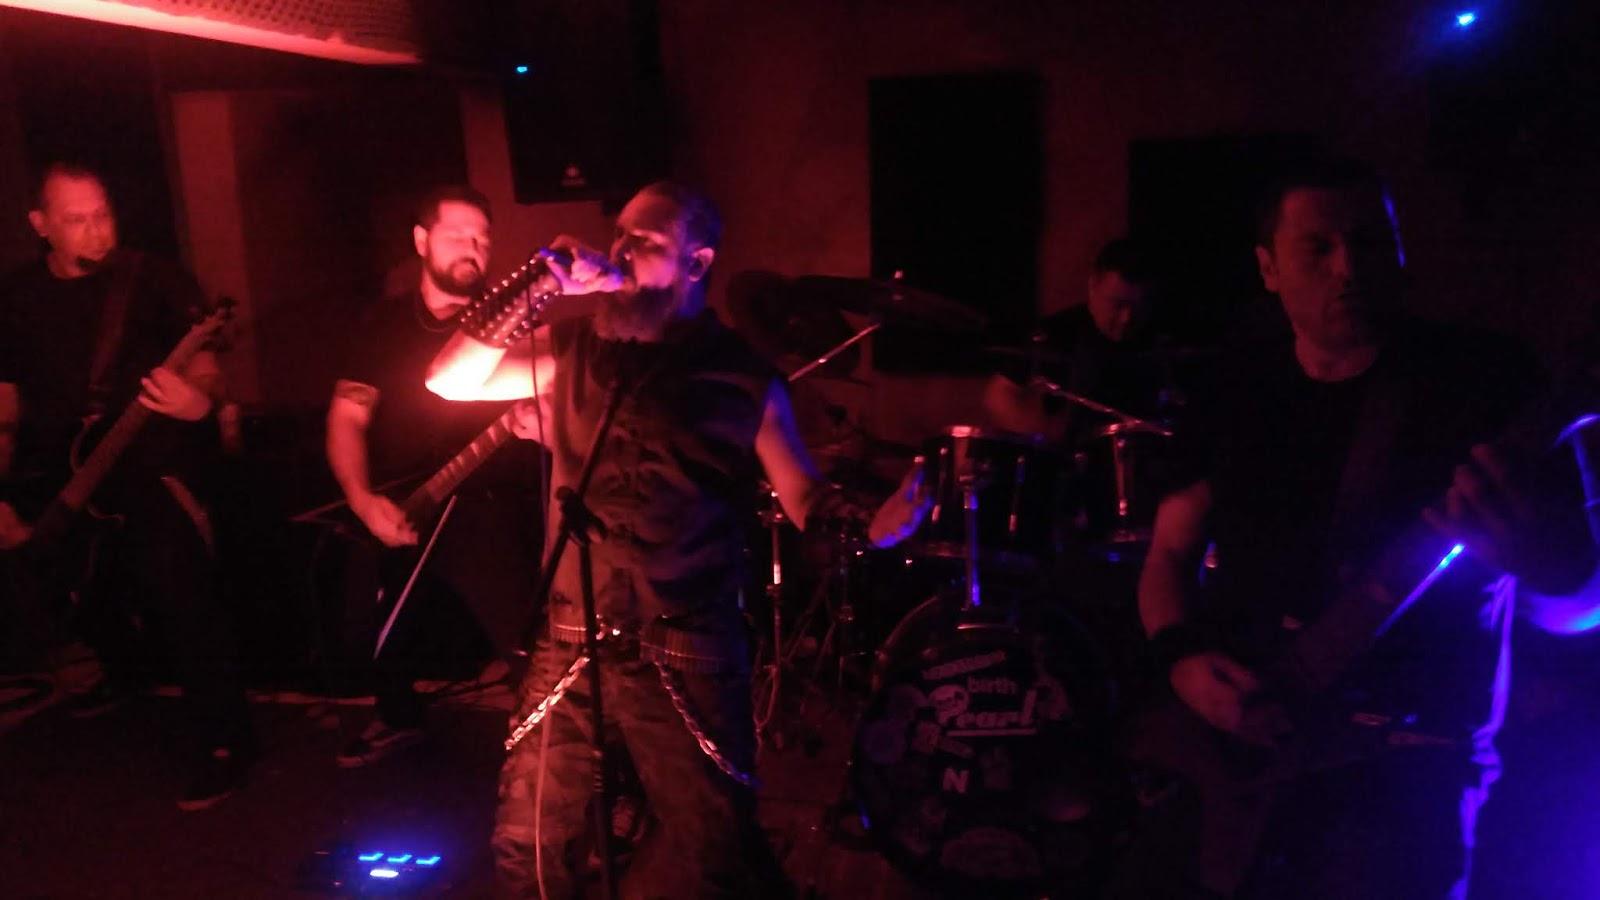 O Subsolo - Cobertura Rot'n Roll IV Edição - Death Chaos